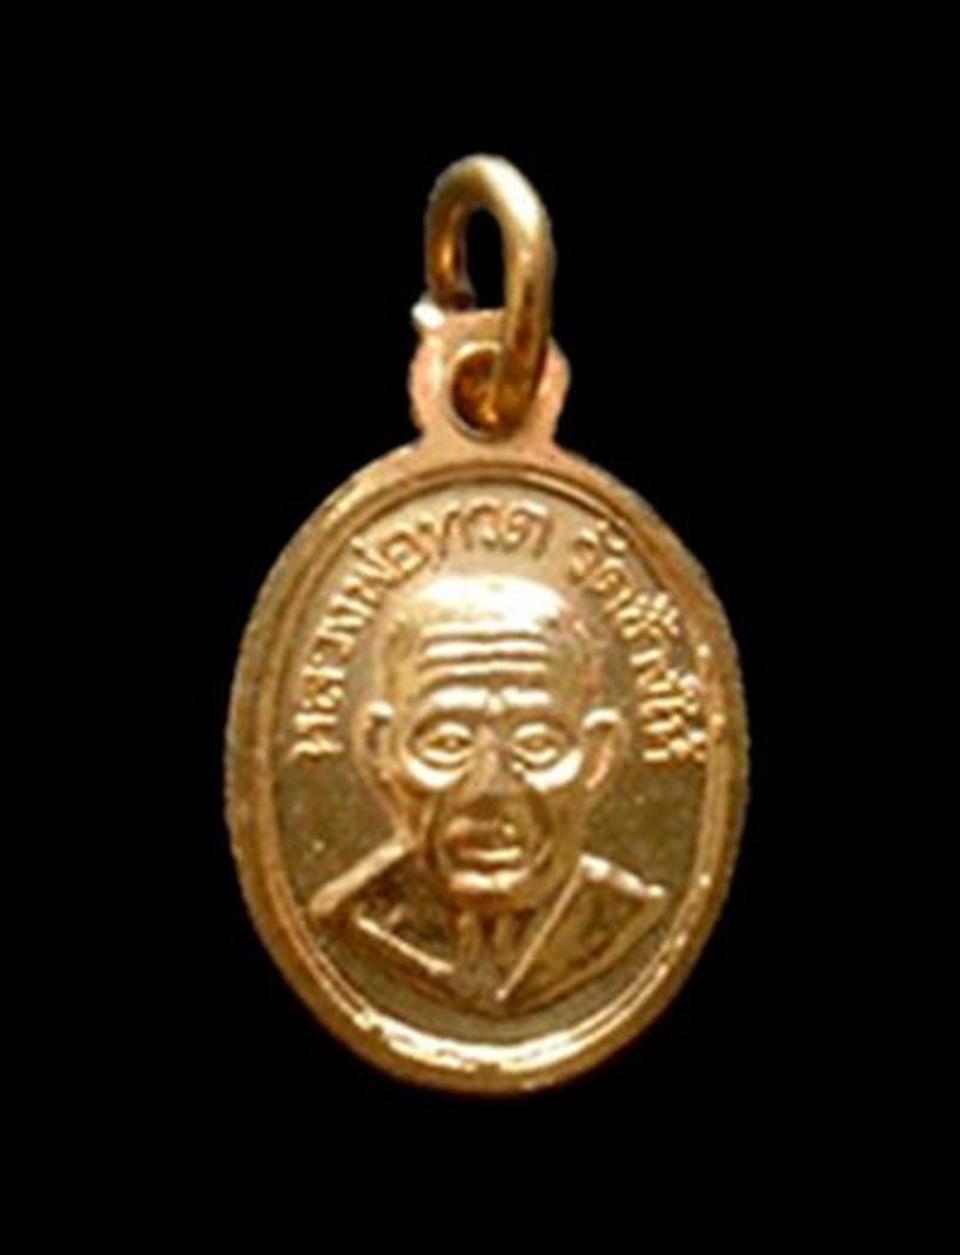 เหรียญเม็ดแตงหลวงพ่อไกรหลังหลวงพ่อทวด วัดลำพะยา ยะลา รูปที่ 4